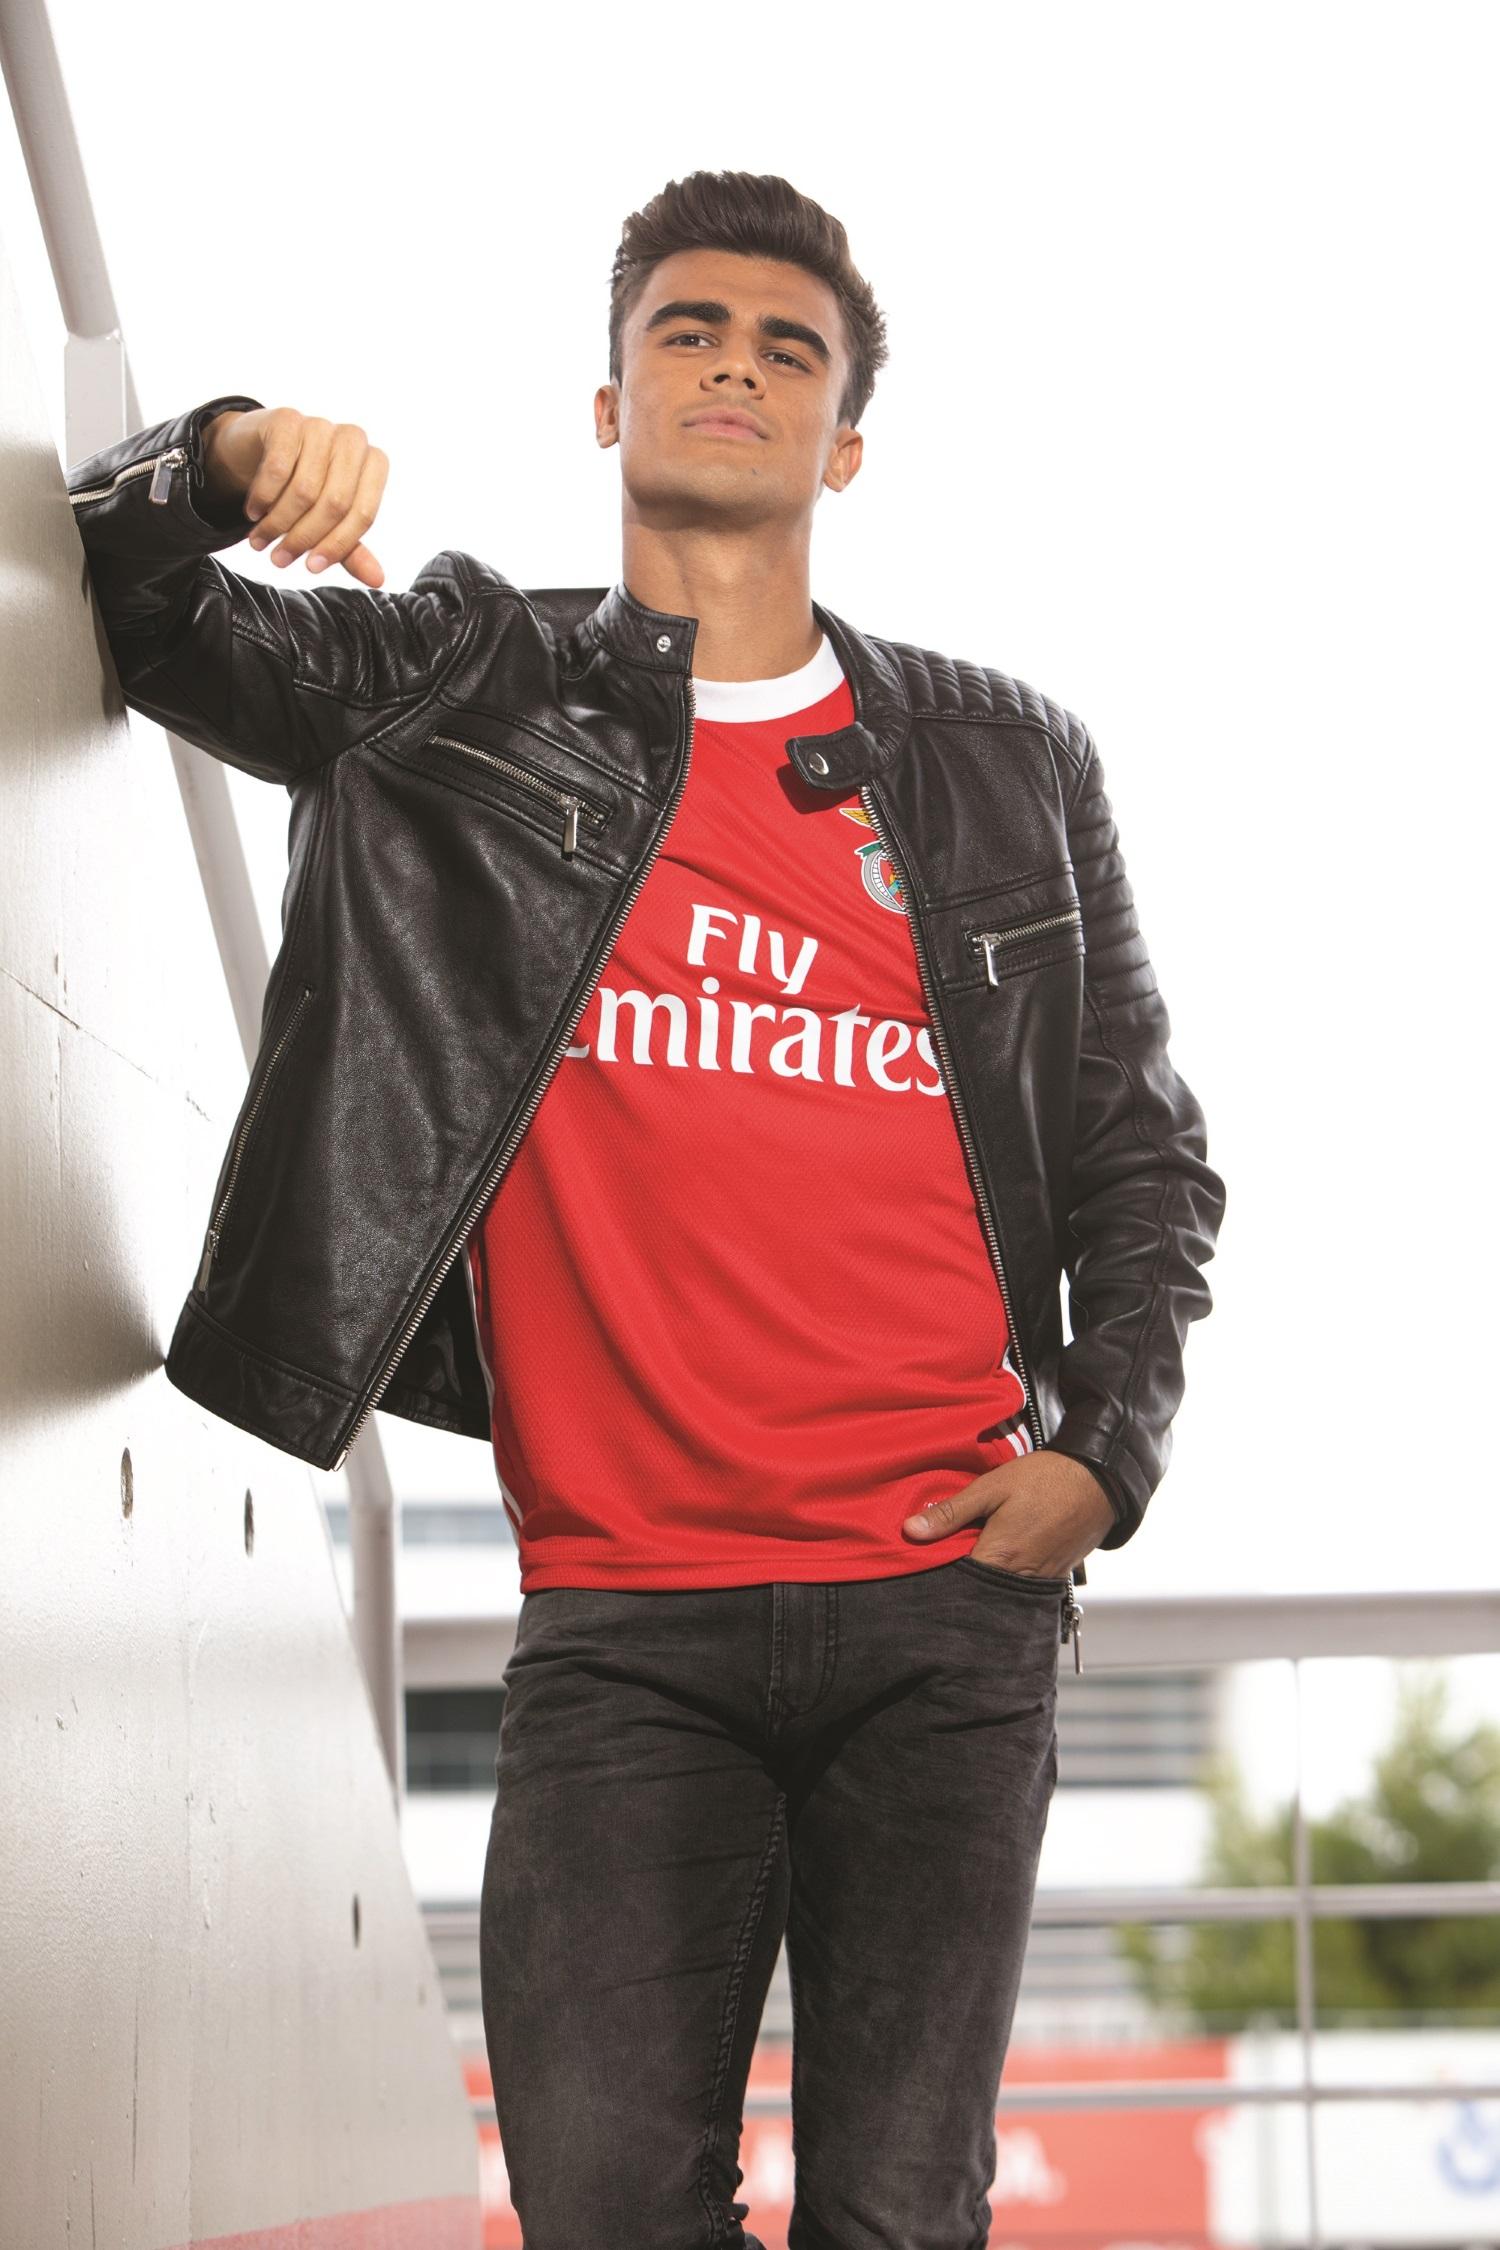 As novas camisolas do SL Benfica